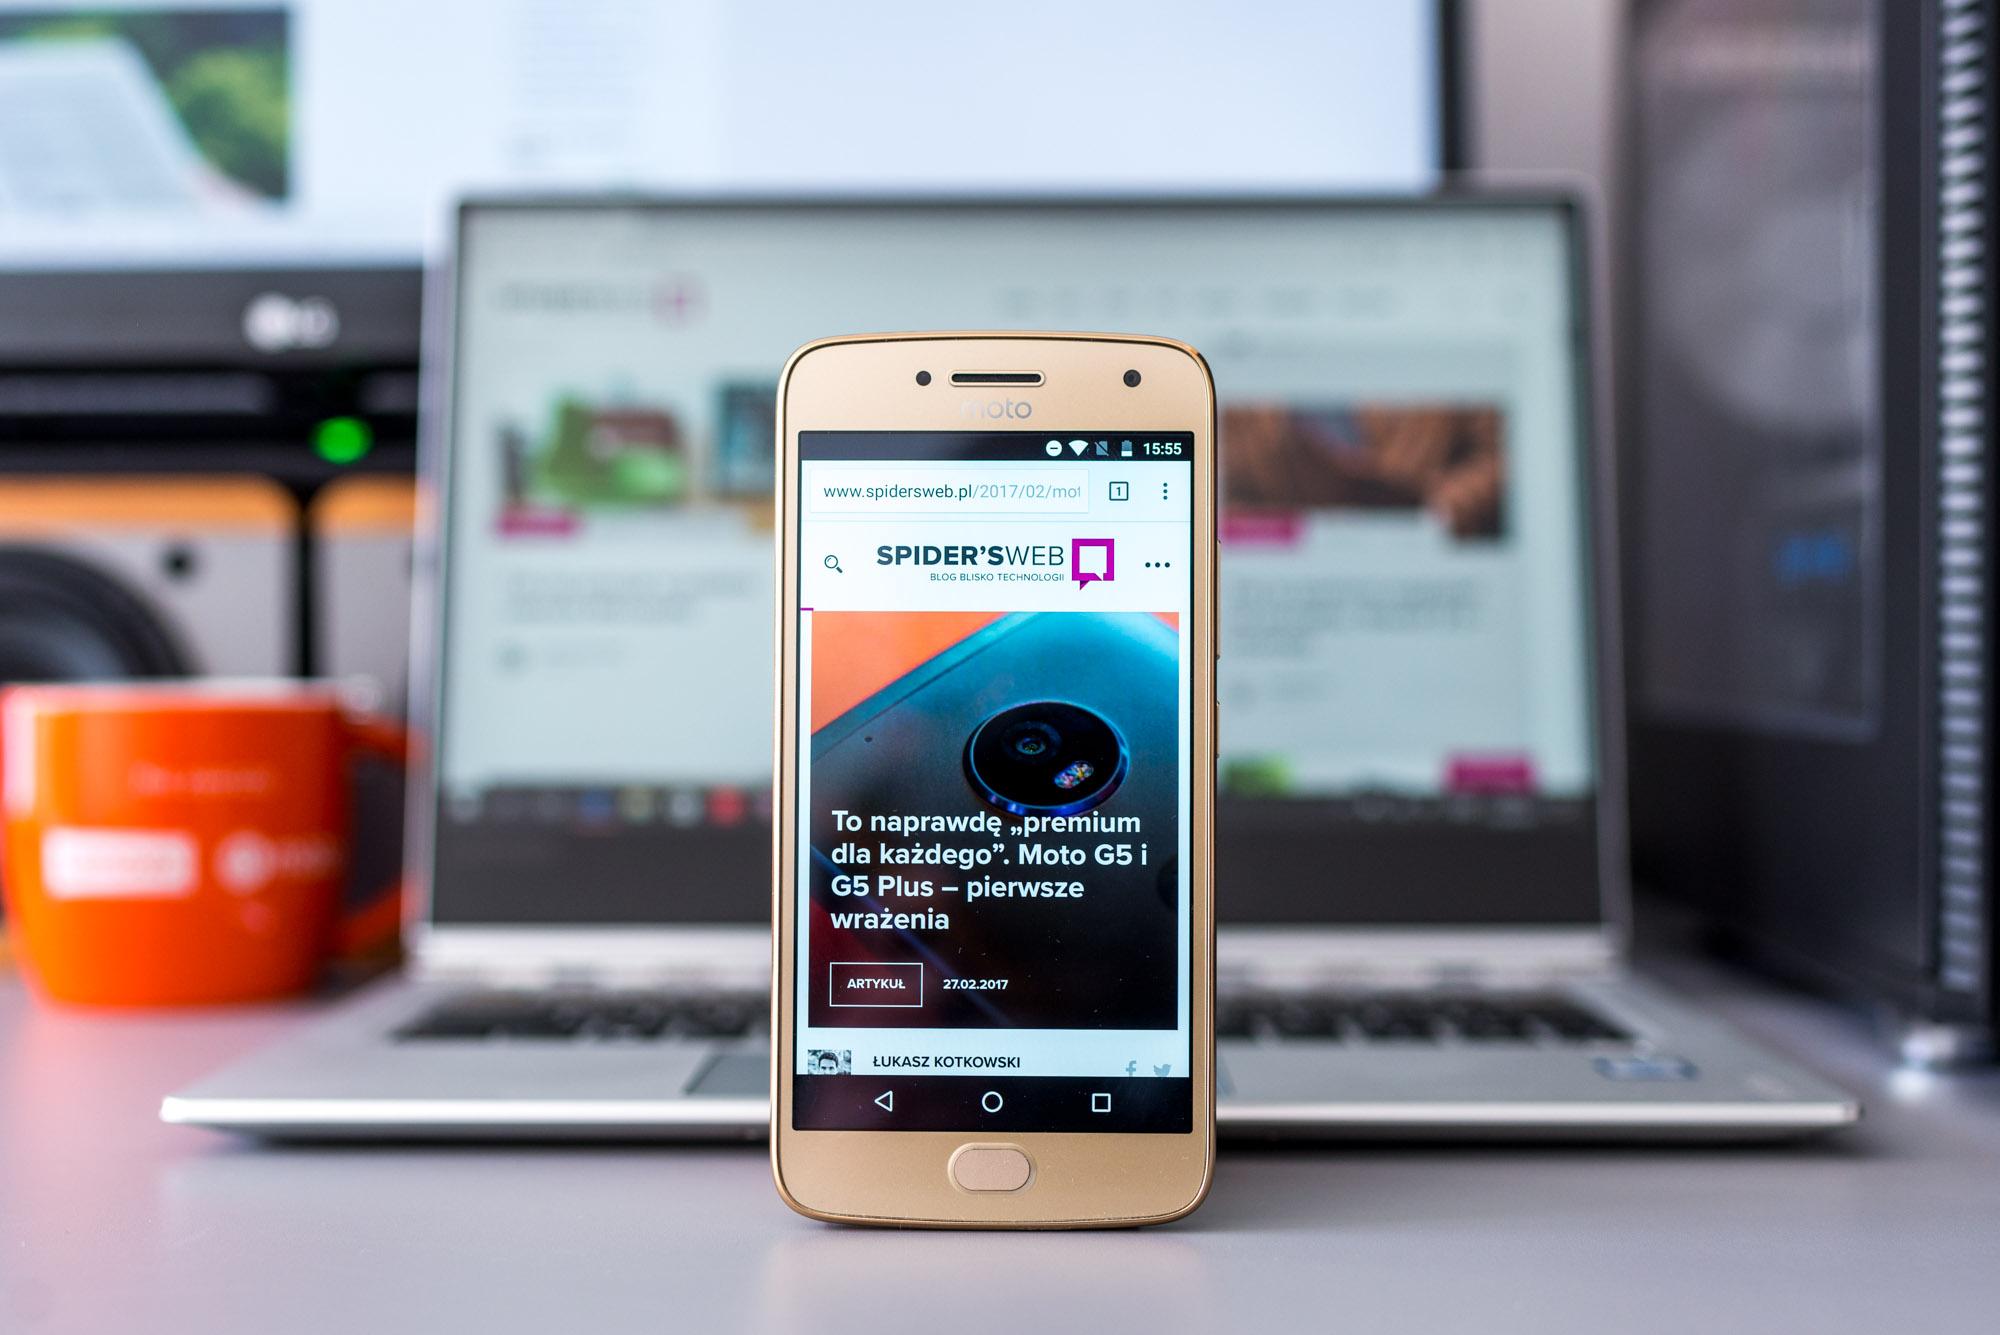 Moto G5 Plus, czyli tanio, a dobrze. To bardzo dobry smartfon do 1000 zł.